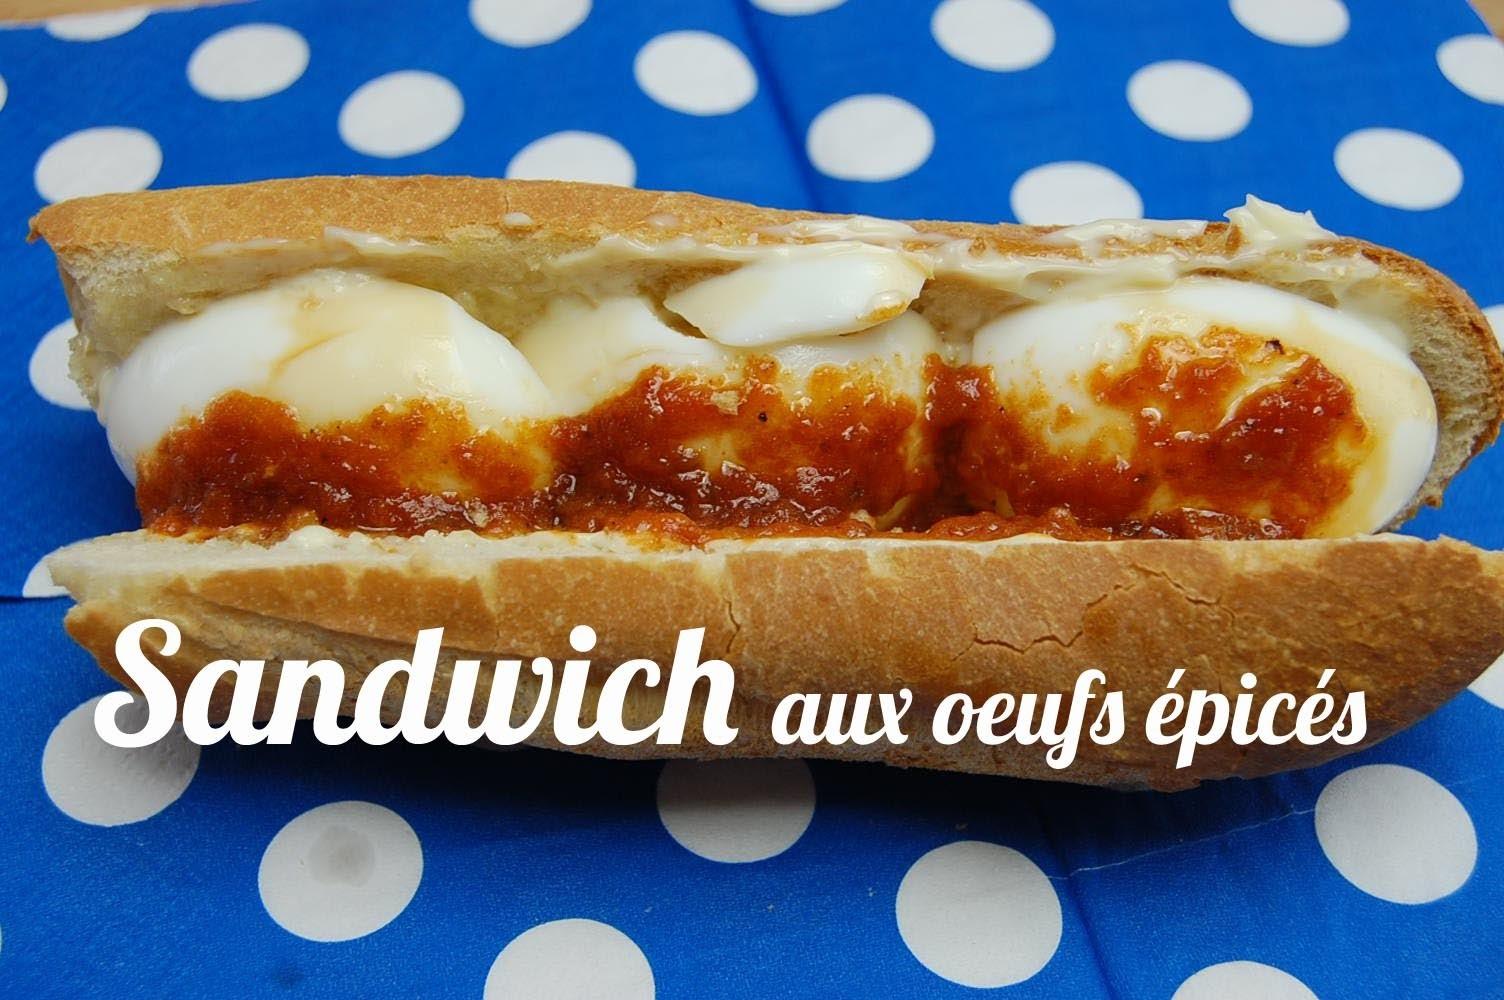 Sandwich aux oeufs épicés ( Pain oeuf piment)